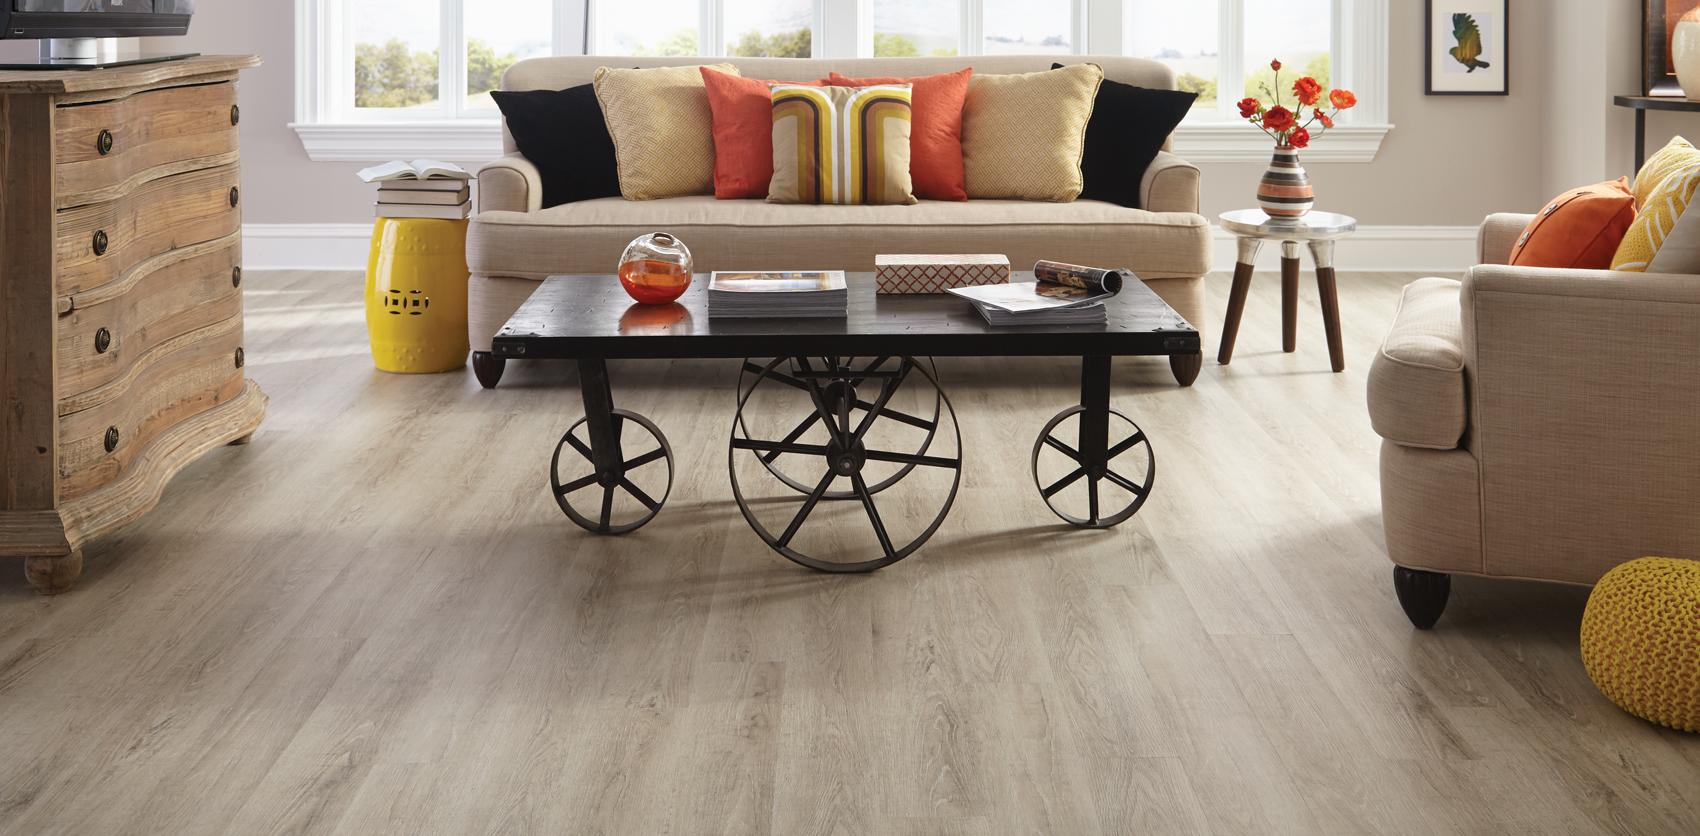 Casa laminate flooring carpet vidalondon for Casa moderna black walnut luxury vinyl plank